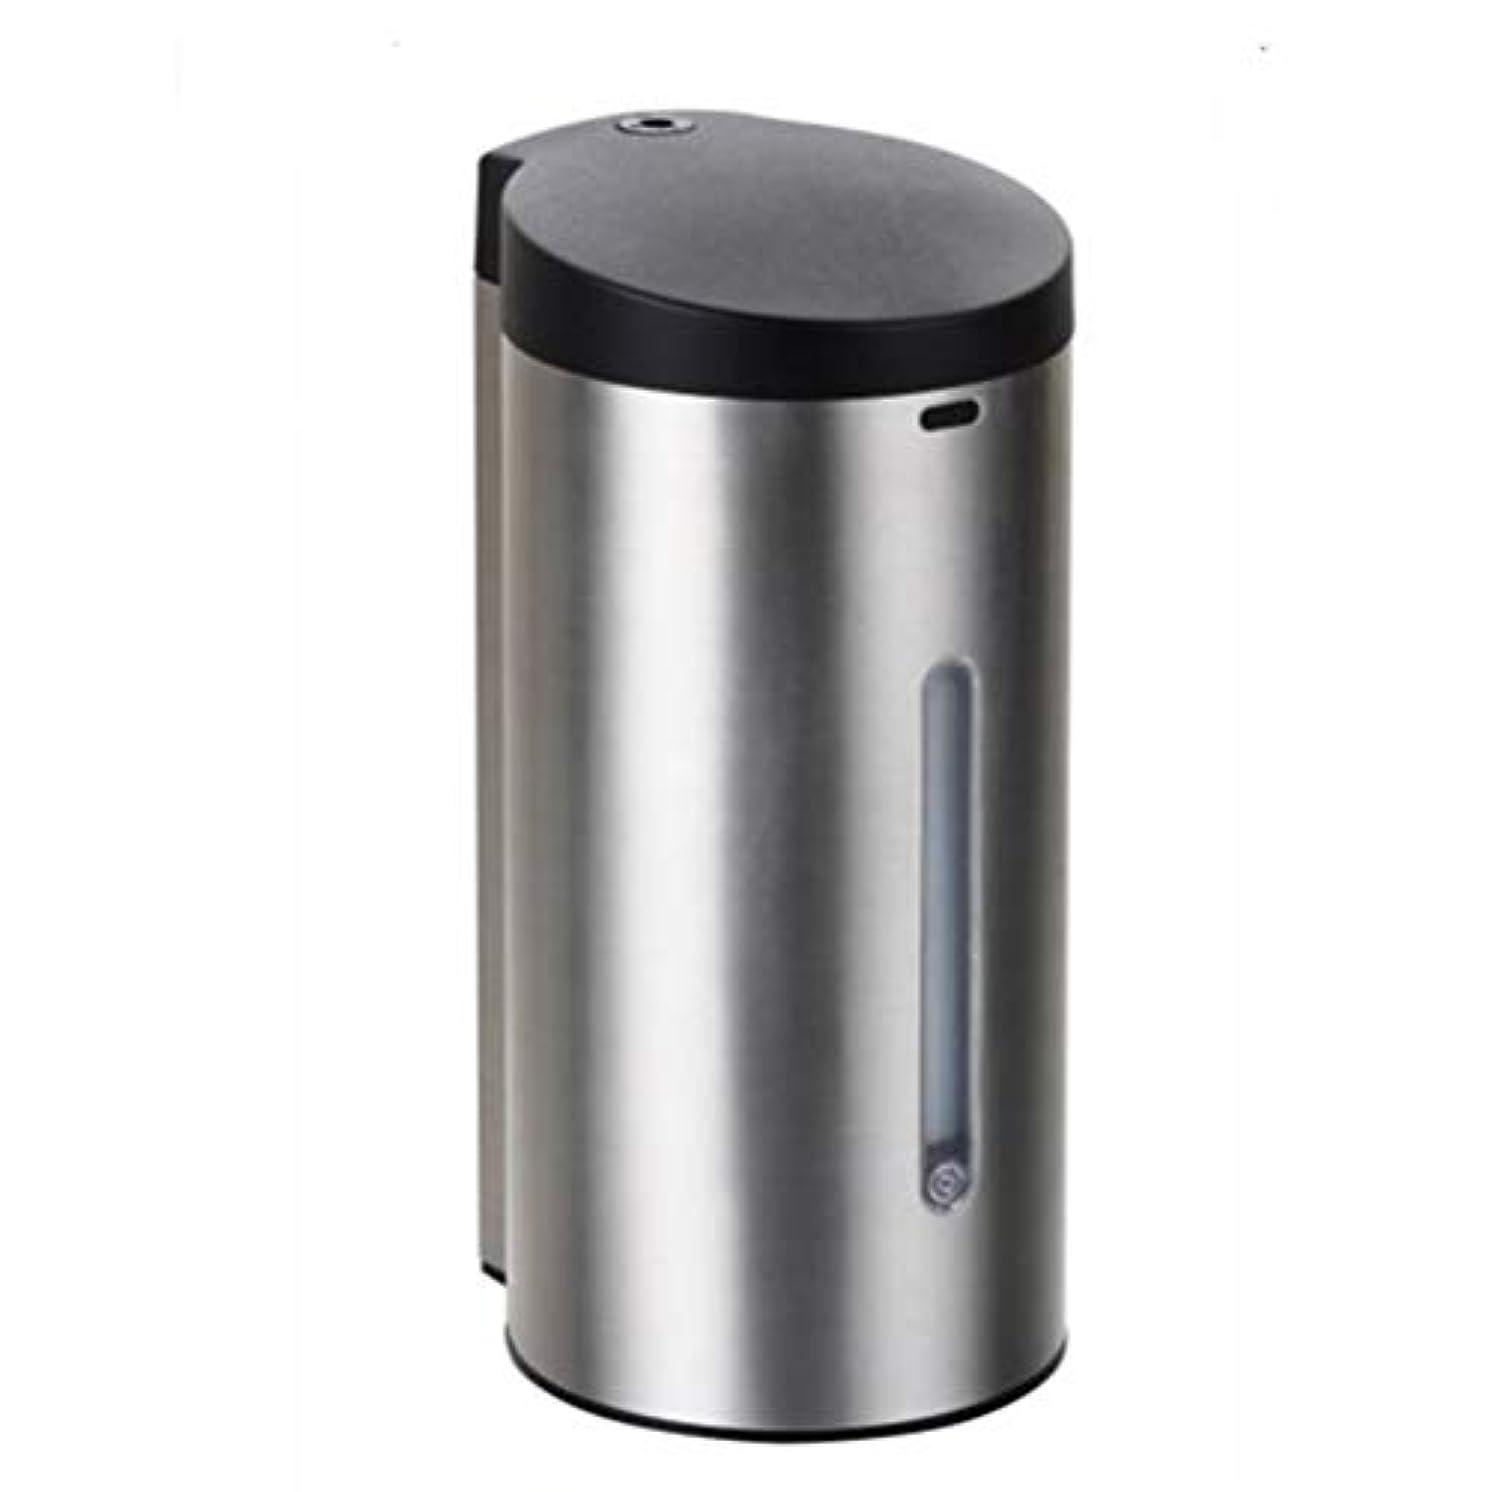 マーベル死にかけている絡み合い電池式 オートソープディスペンサー 赤外線センサーポンプソープディスペンサーステンレス 漏れ防止7段調整可 自動 ハンドソープ ータッチ 650ML 9Vバッテリー(6ノット* 1.5V)